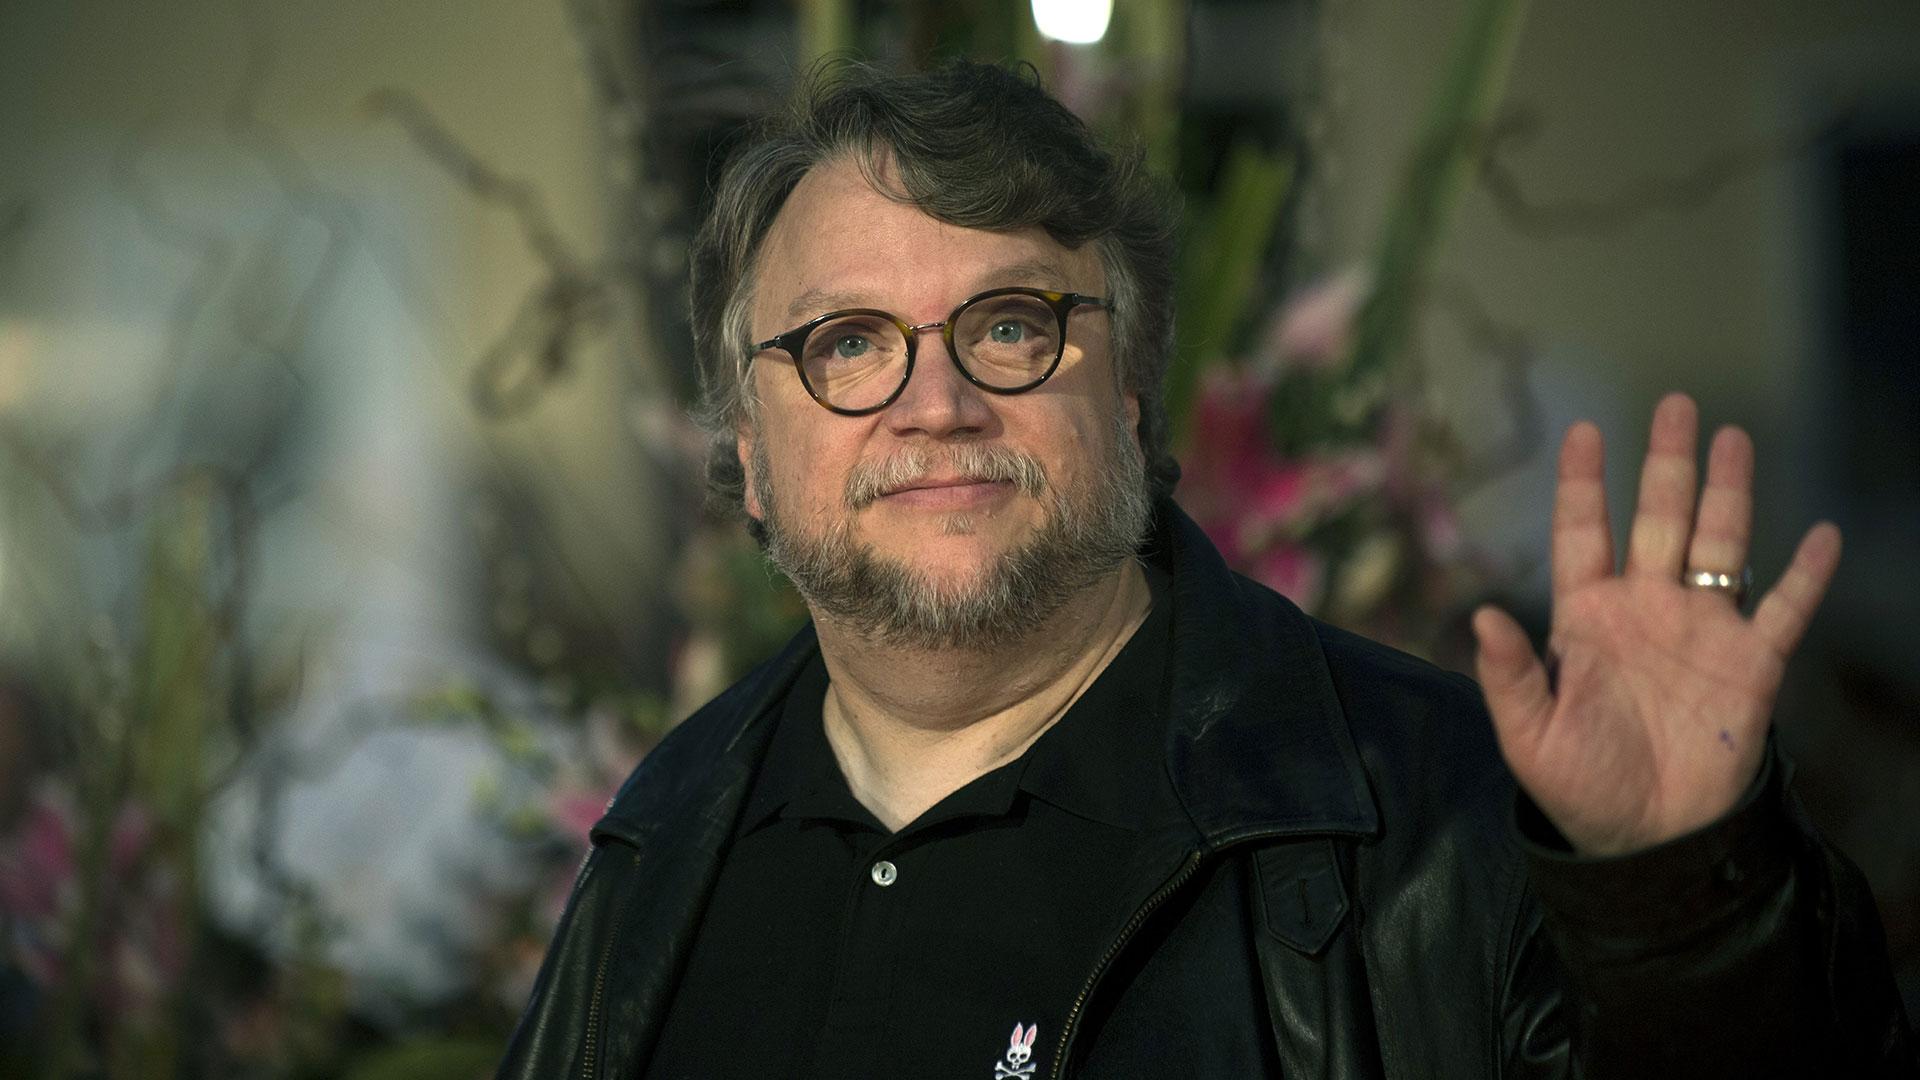 Guillermo del Toro escribió sobre la falsa concepción del escepticismo como algo bueno.